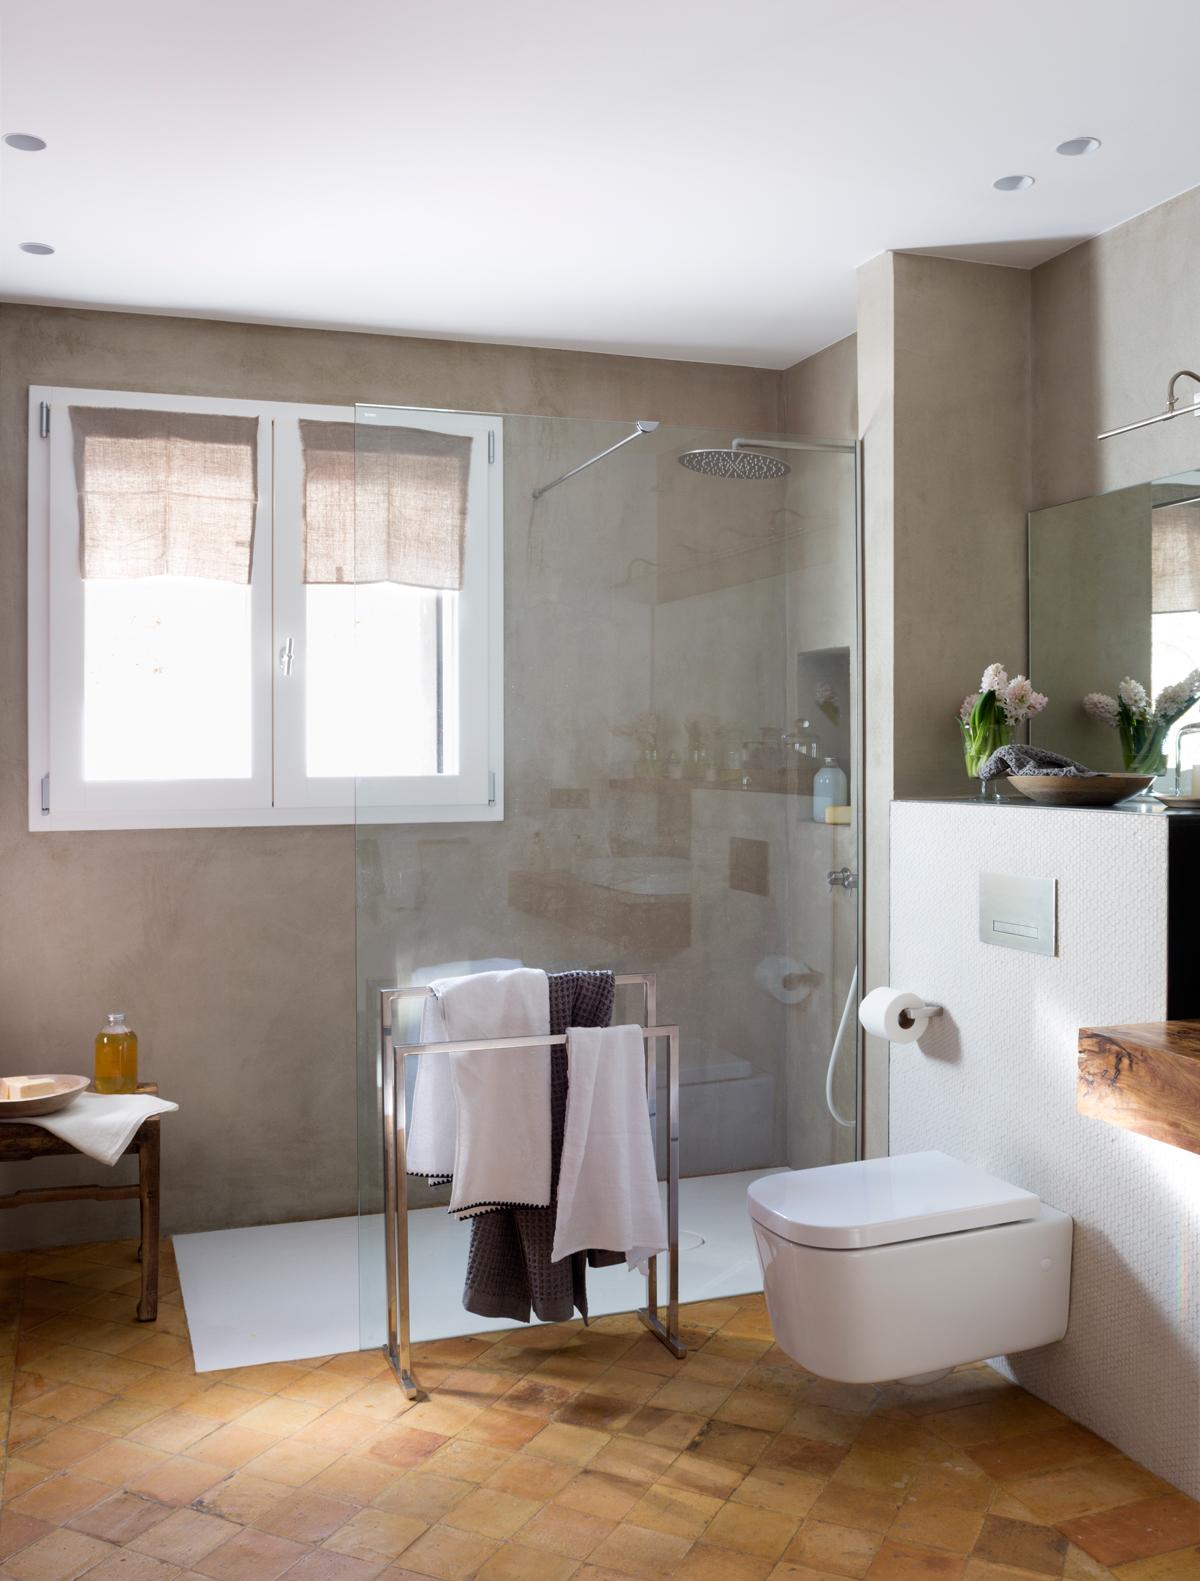 120 fotos de duchas - Modelos de mamparas de ducha ...